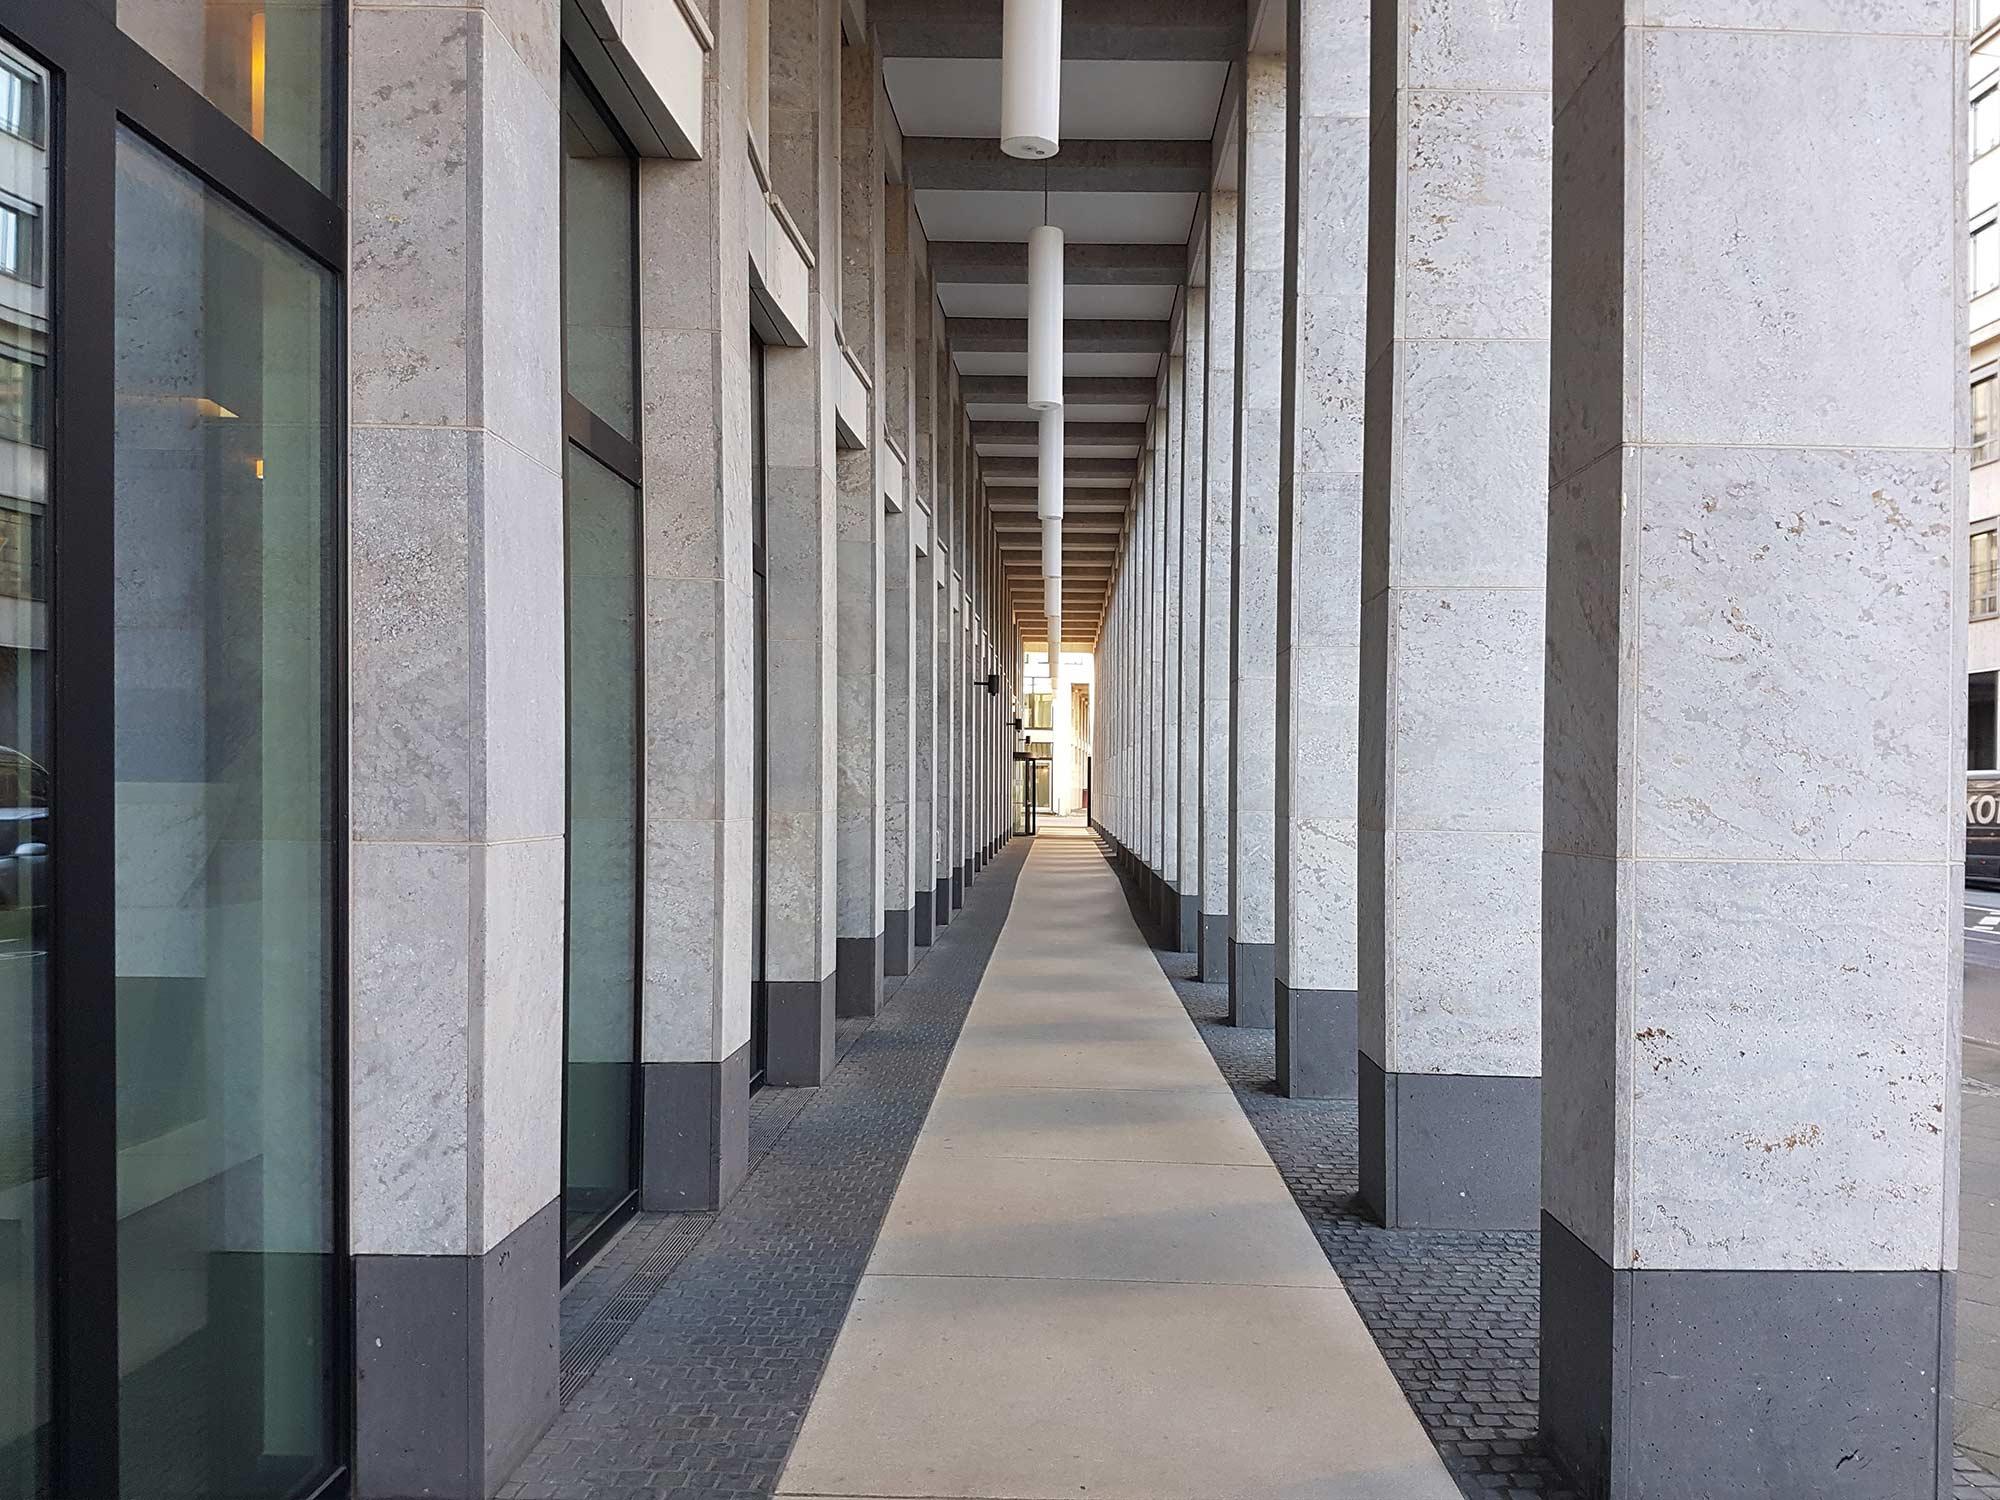 Frankfurt MainTor Porta Hochhaus - Arkadengang - KSP Jürgen Engel Architekten